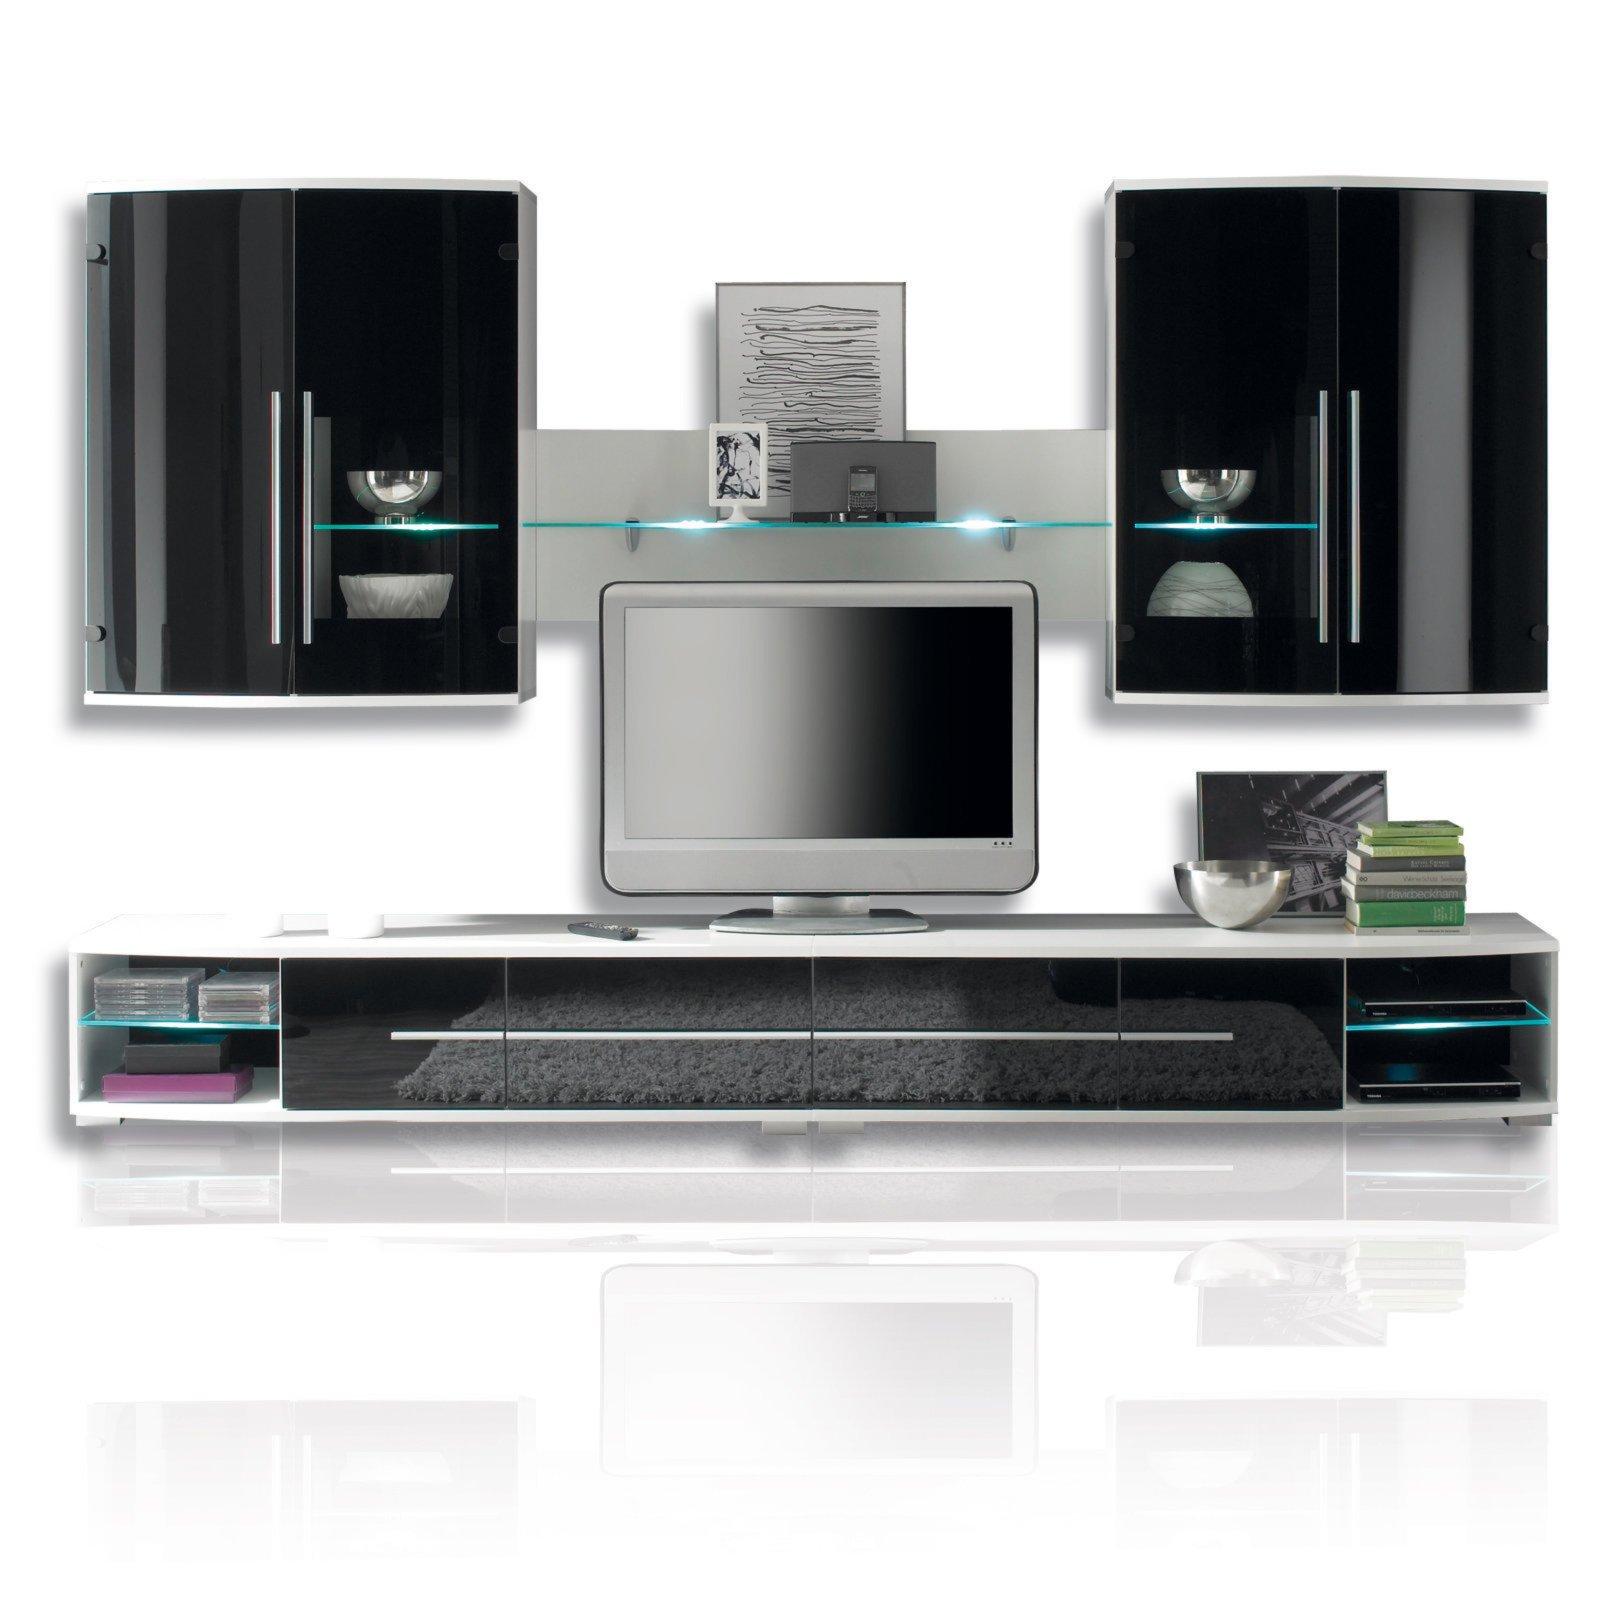 wohnwand blackstar schwarz mit beleuchtung 300 cm wohnw nde wohnw nde m bel. Black Bedroom Furniture Sets. Home Design Ideas